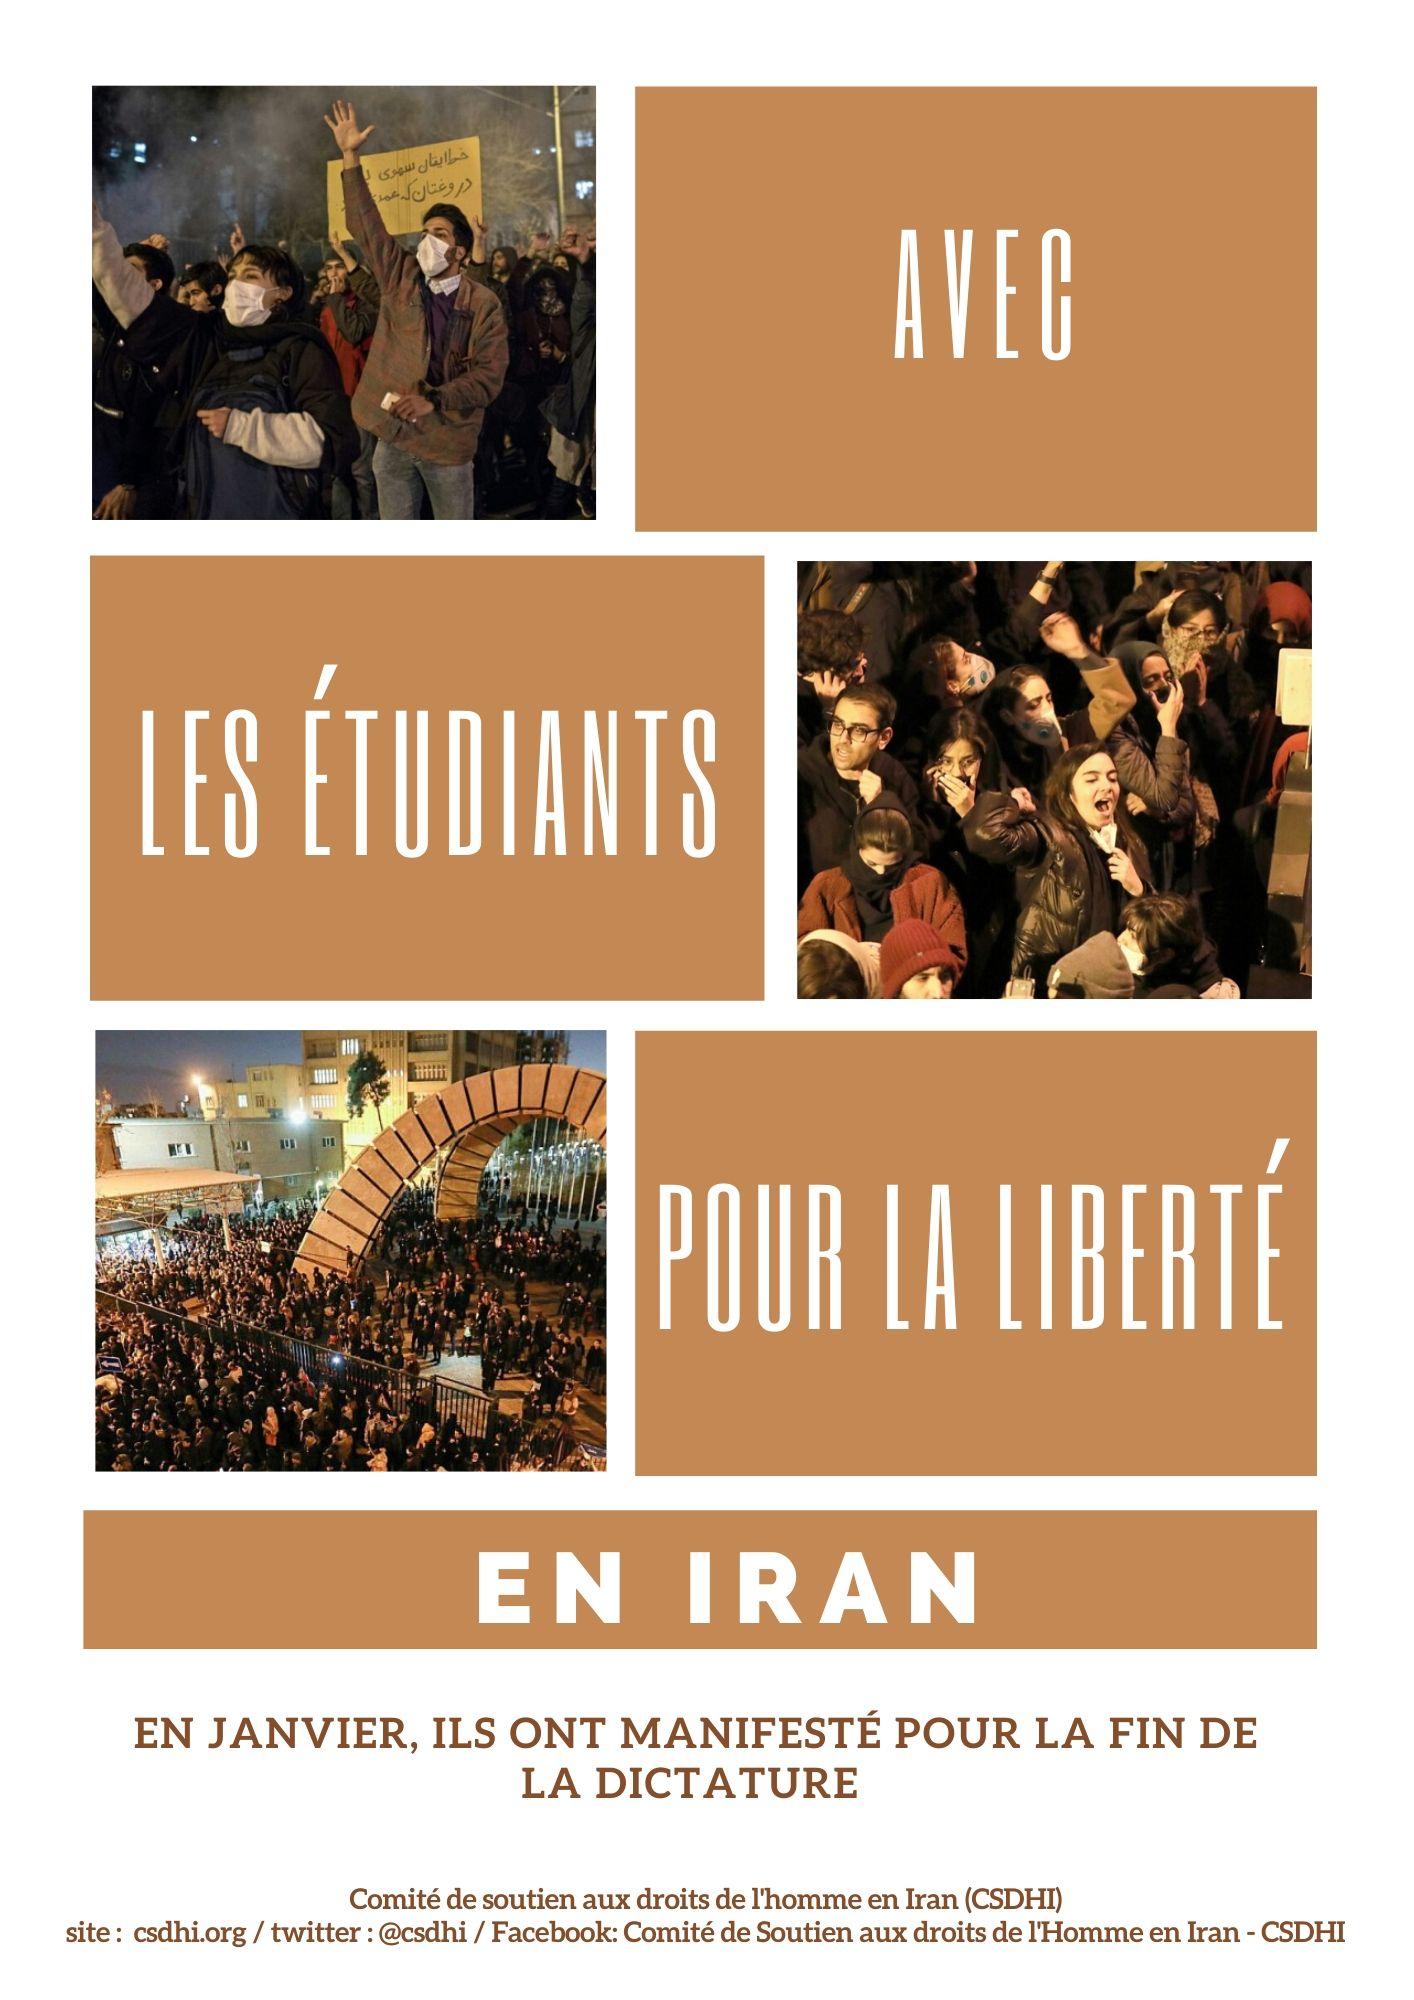 avec les etudiants pour la liberte en iran